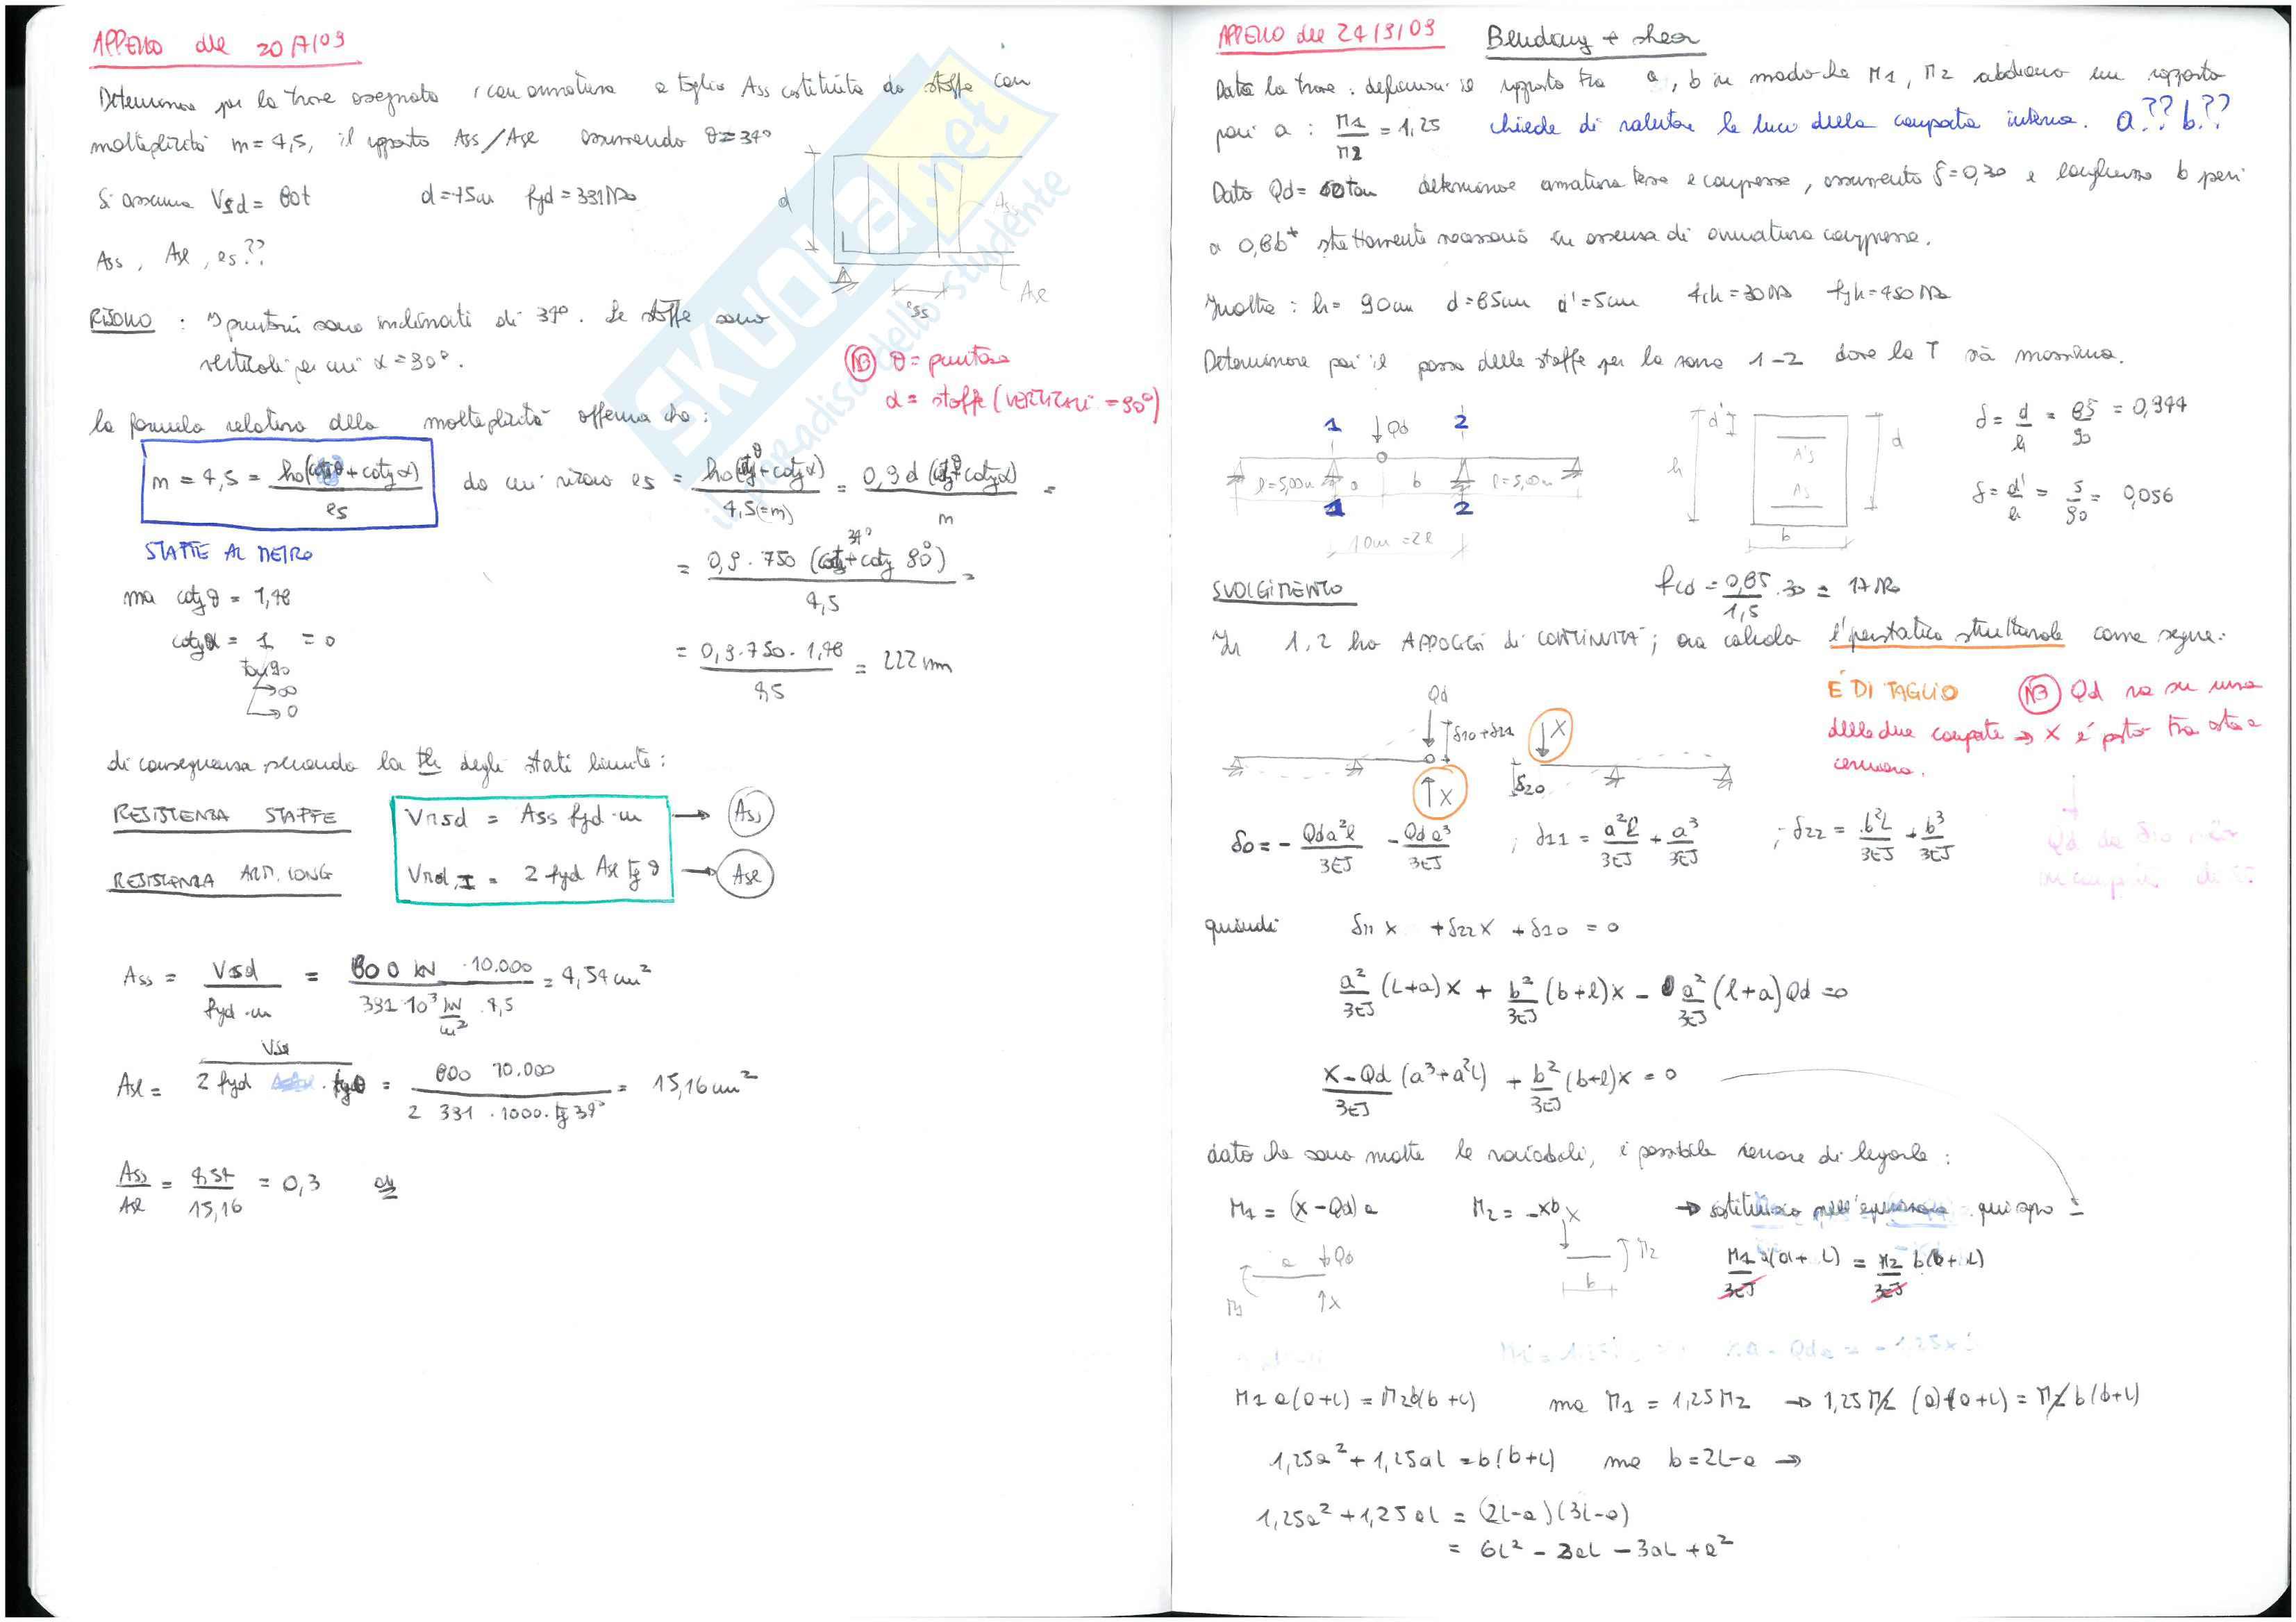 Calcestruzzo Armato - temi d'esame svolti Pag. 16